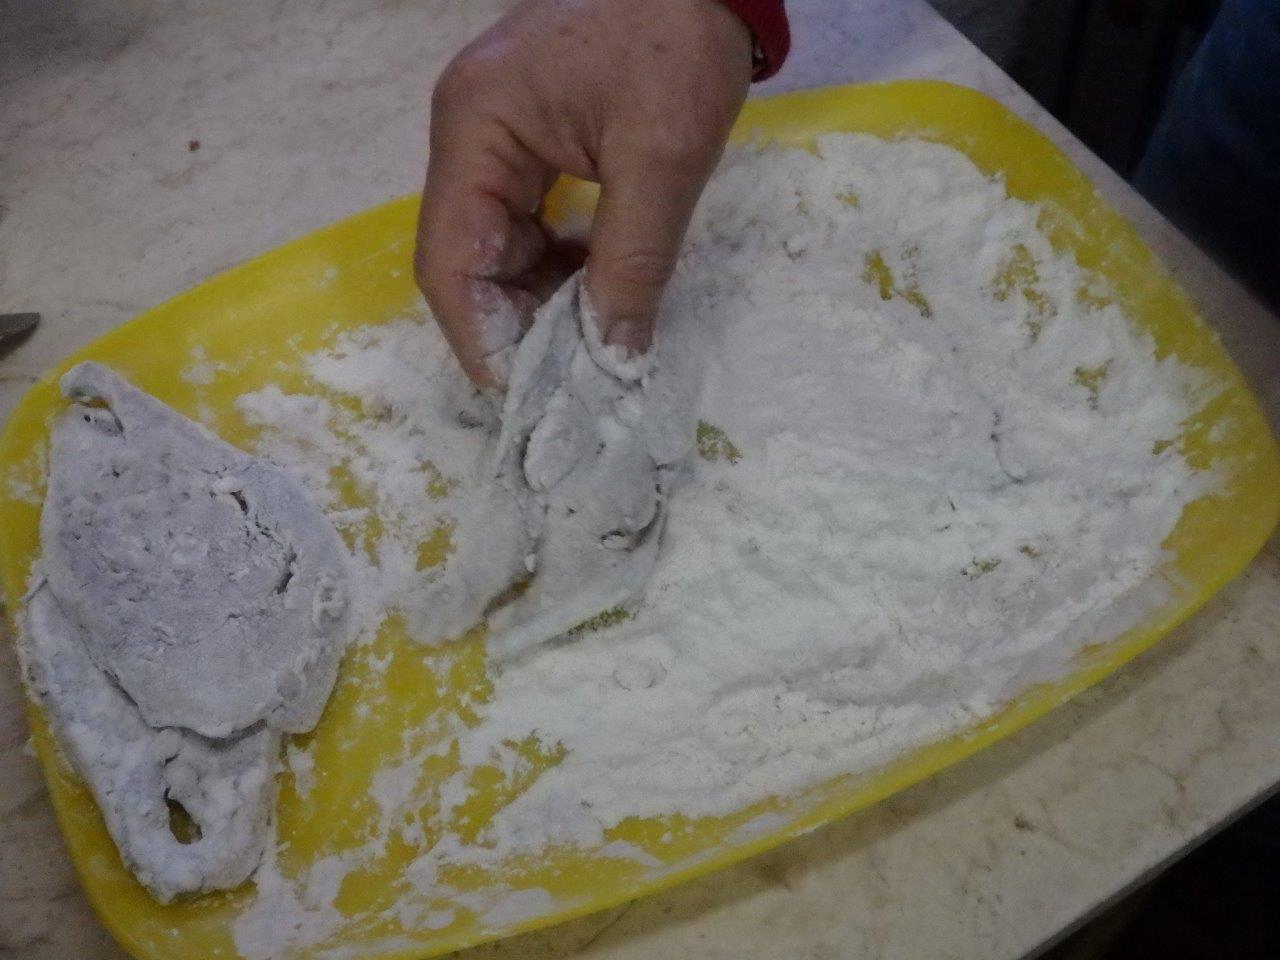 Sável frito com açorda do mesmo sável frito com açorda do mesmo Sável frito com açorda do mesmo Savel frito com acorda 5